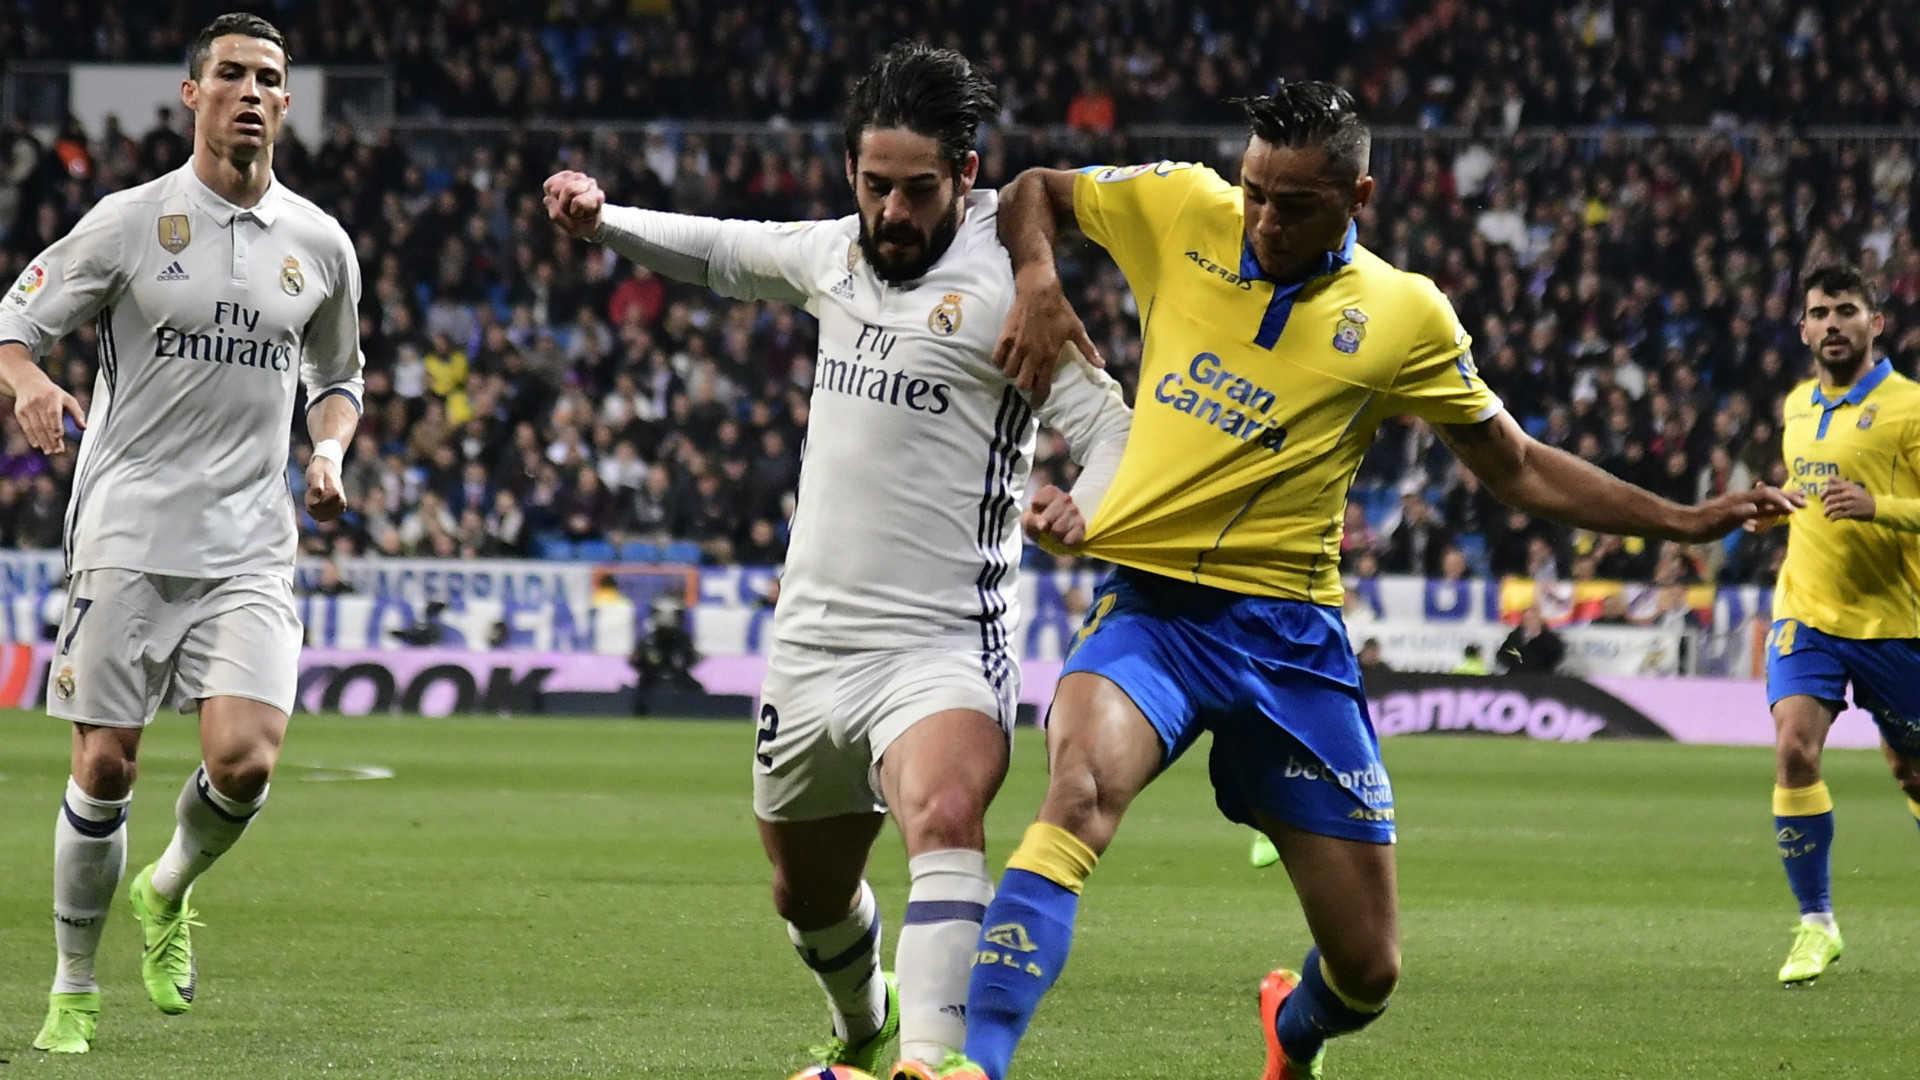 Nhận định Real Madrid vs Las Palmas, 02h45 ngày 06/11: Chờ ngày mưa tan!